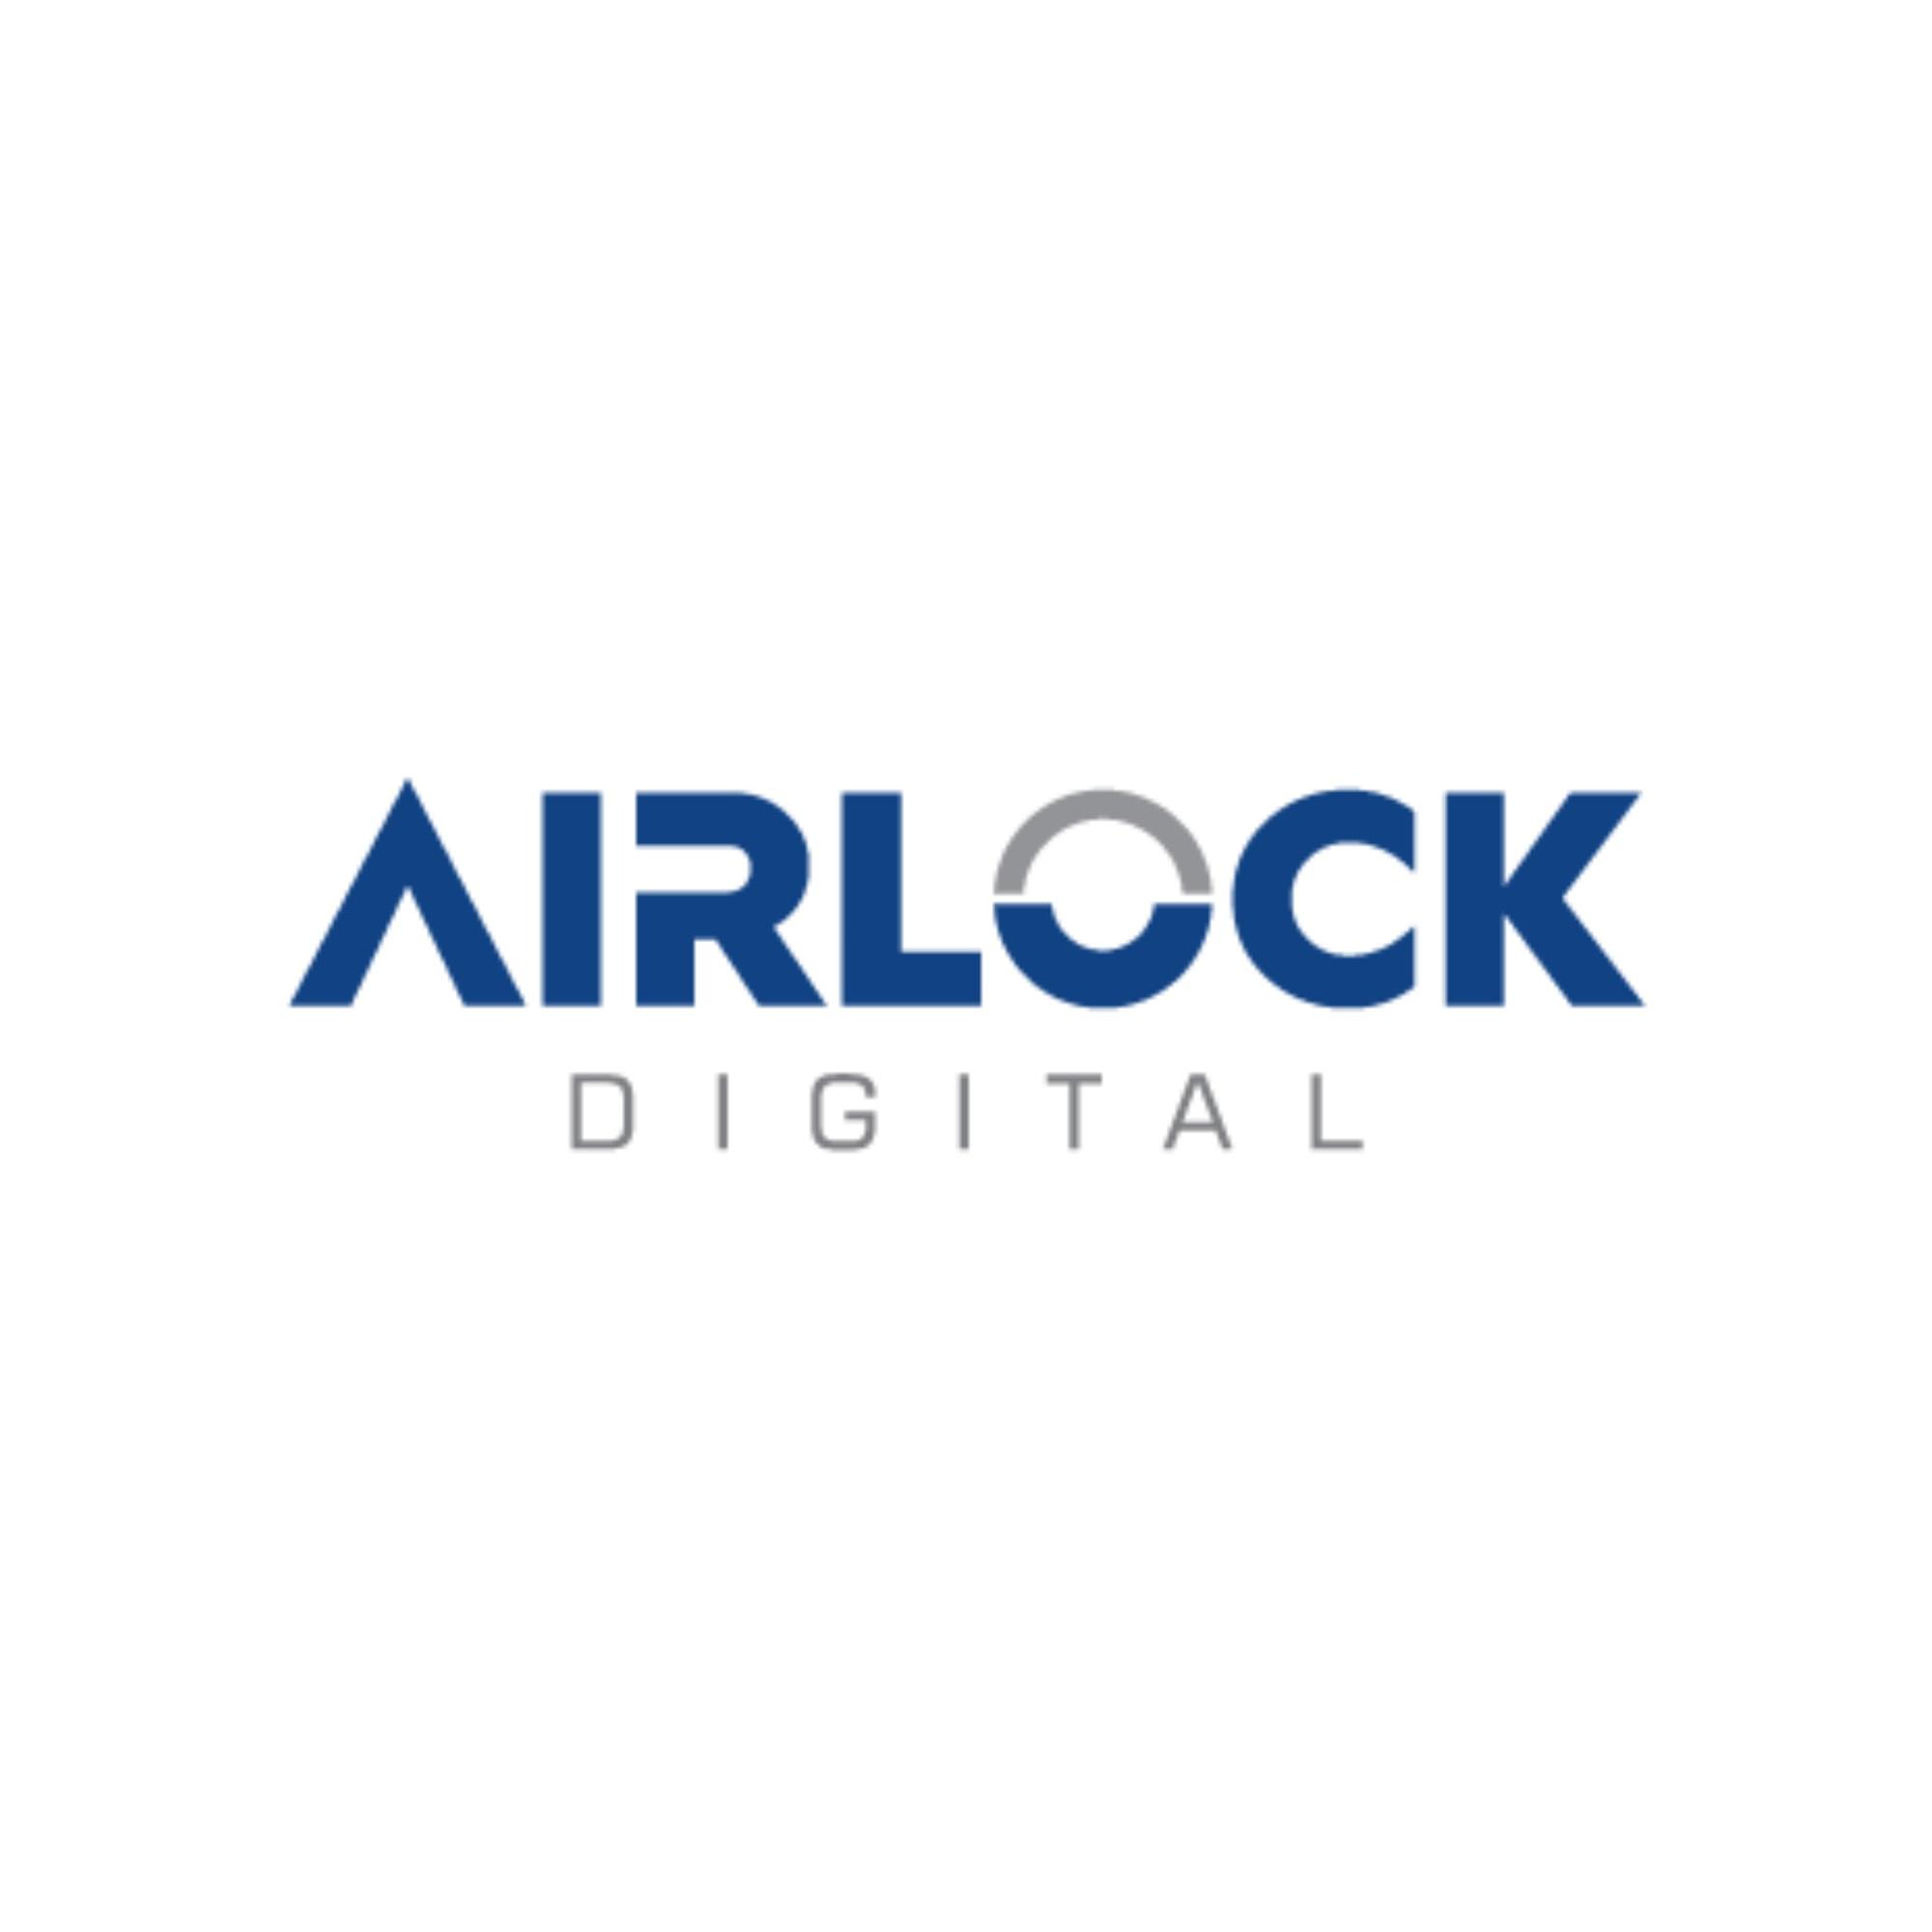 Airlock Digital